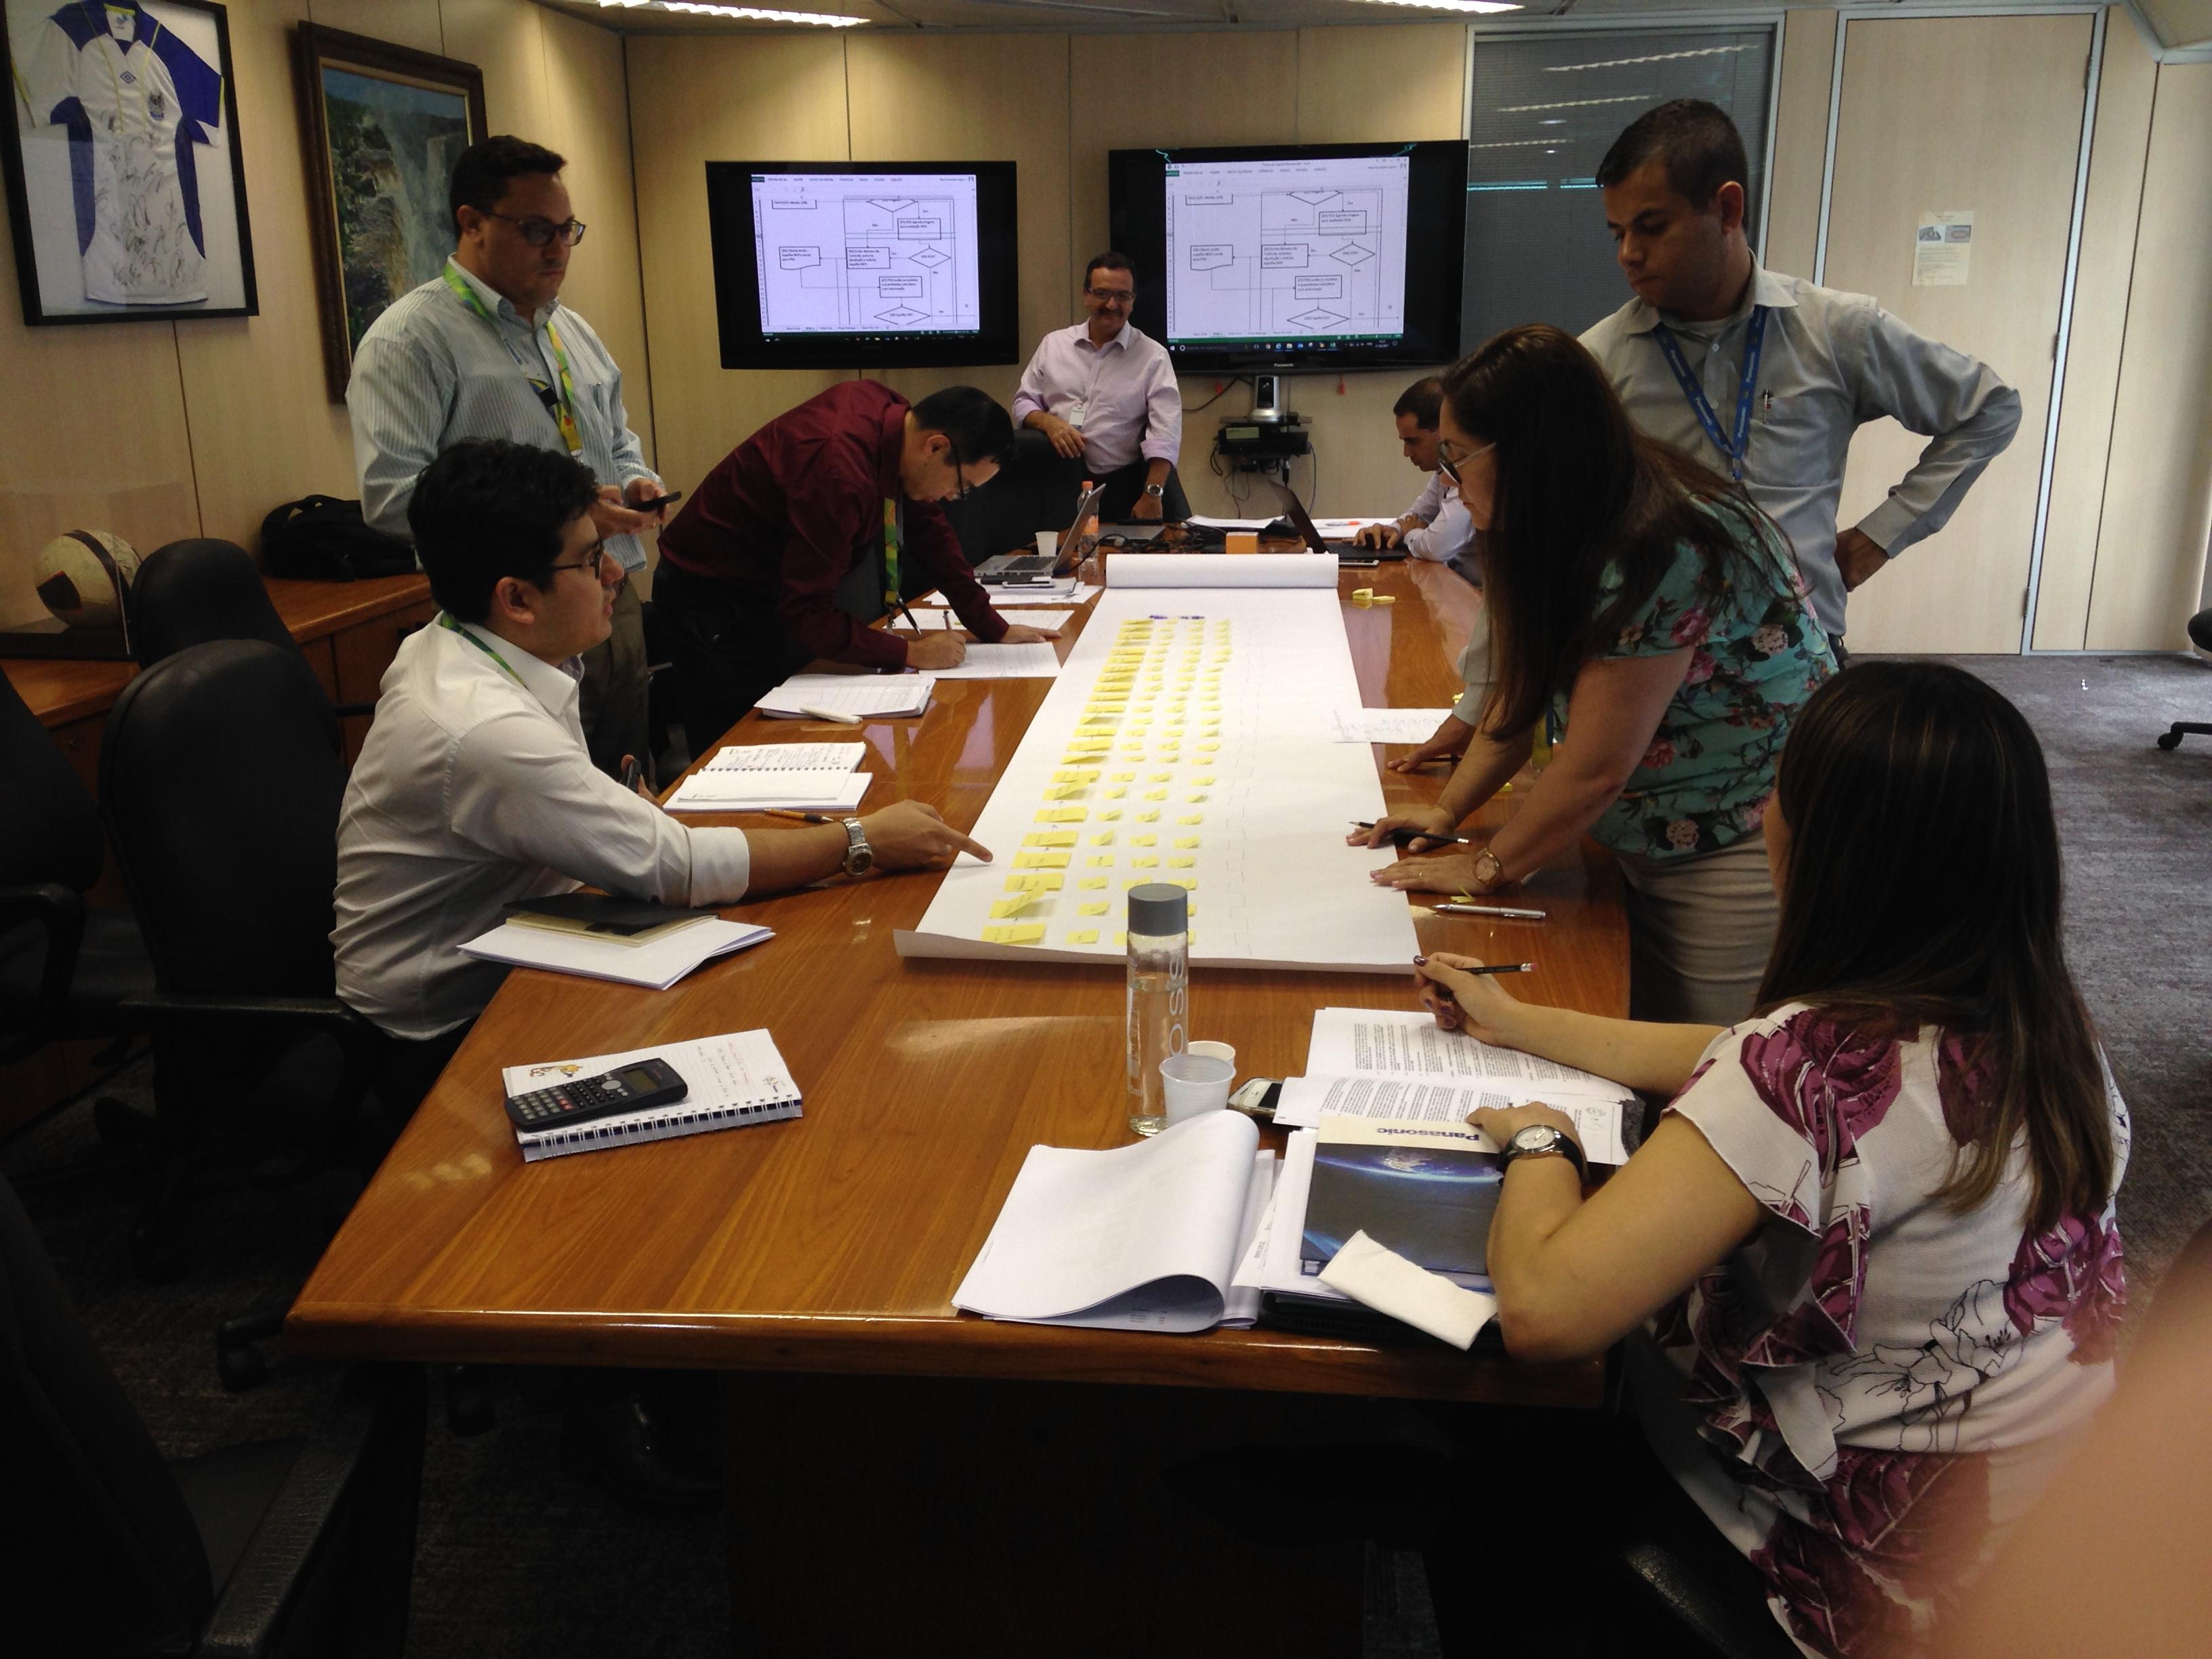 Equipe da Panasonic do Brasil em São Paulo no curso e coaching em projetos para aplicação dos conceitos LEAN Office and Manufacturing. De 14 a 21/2/2017